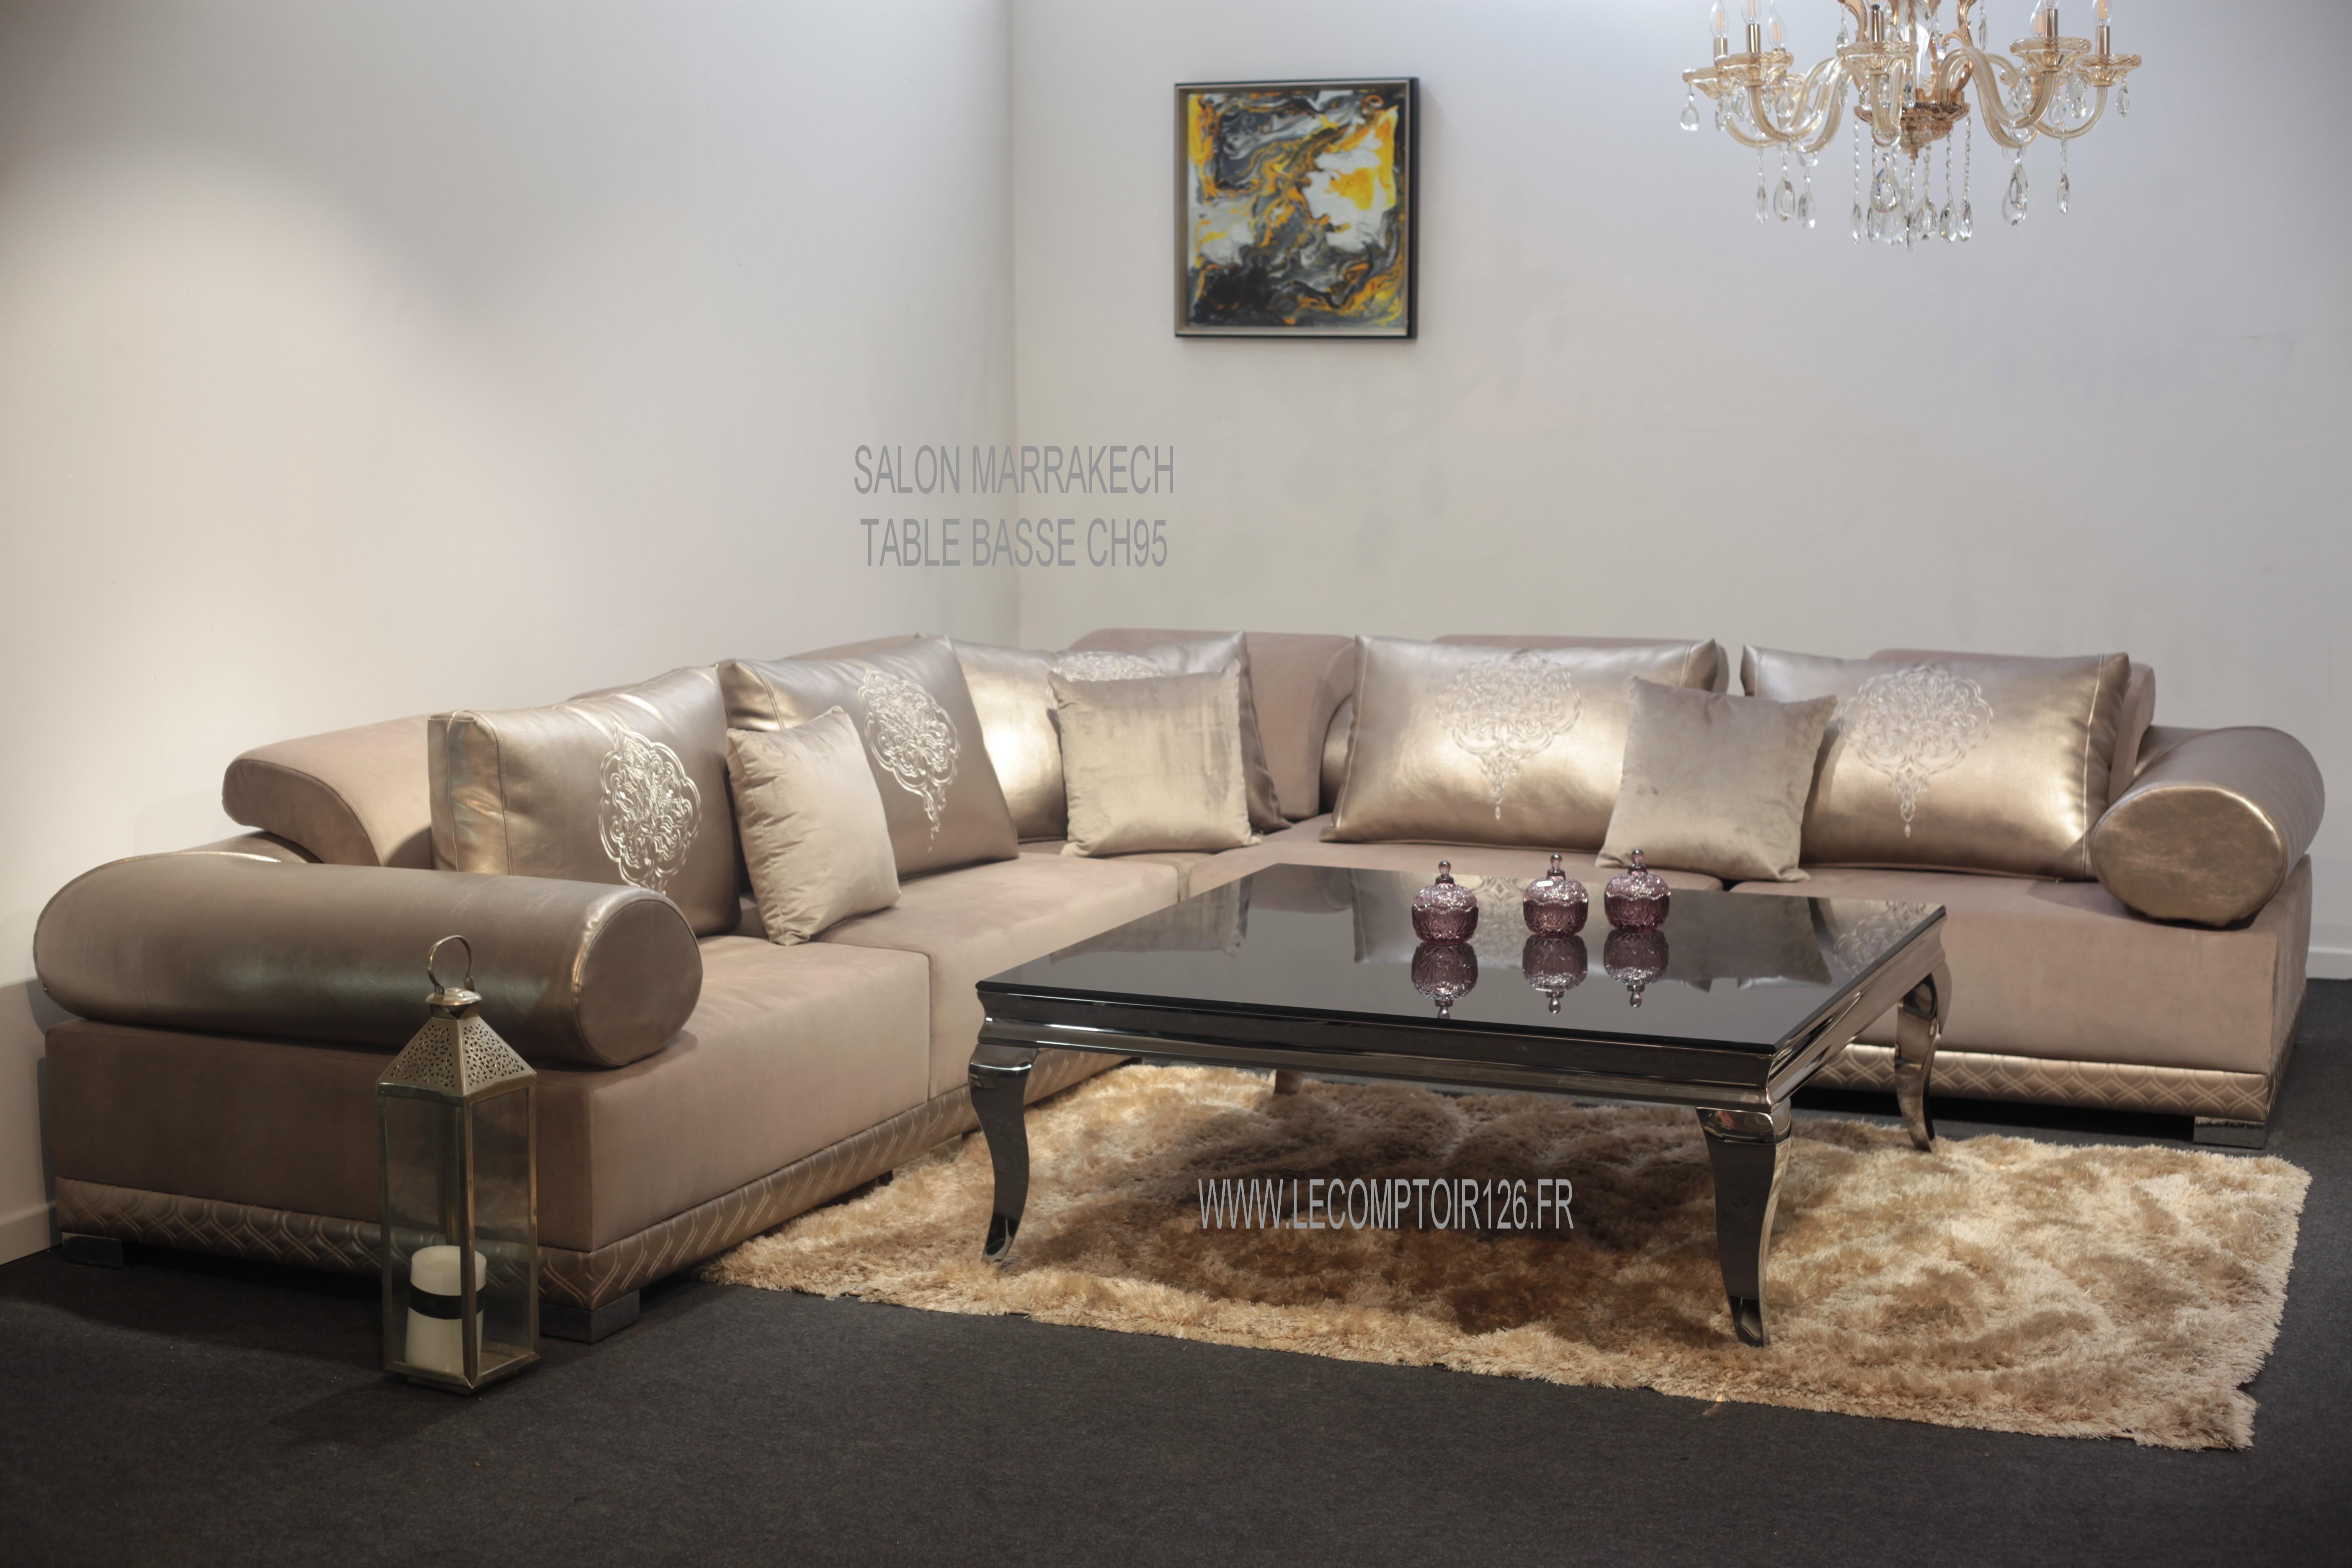 Le Comptoir 126 Lille salon marrakech gold – le comptoir 126